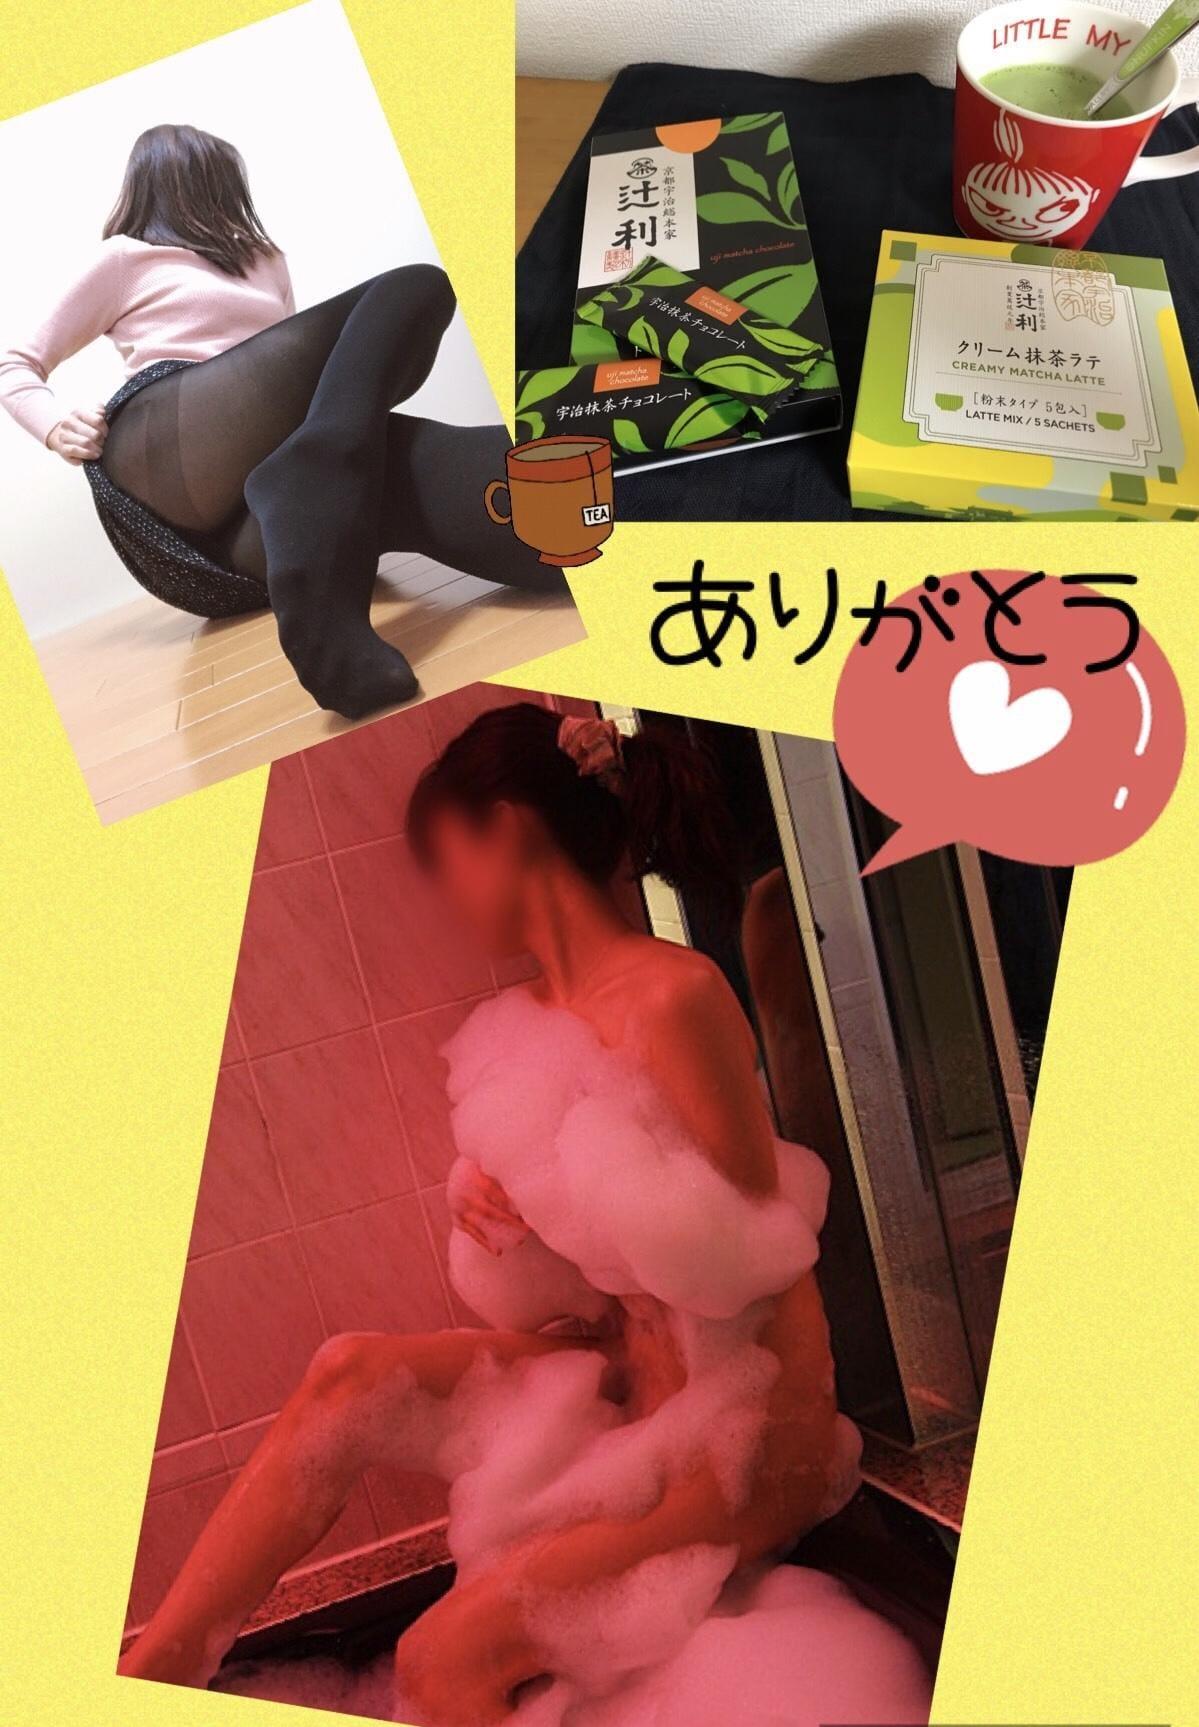 「冬らしい・・・」12/10(12/10) 16:27 | 朝倉 やよいの写メ・風俗動画